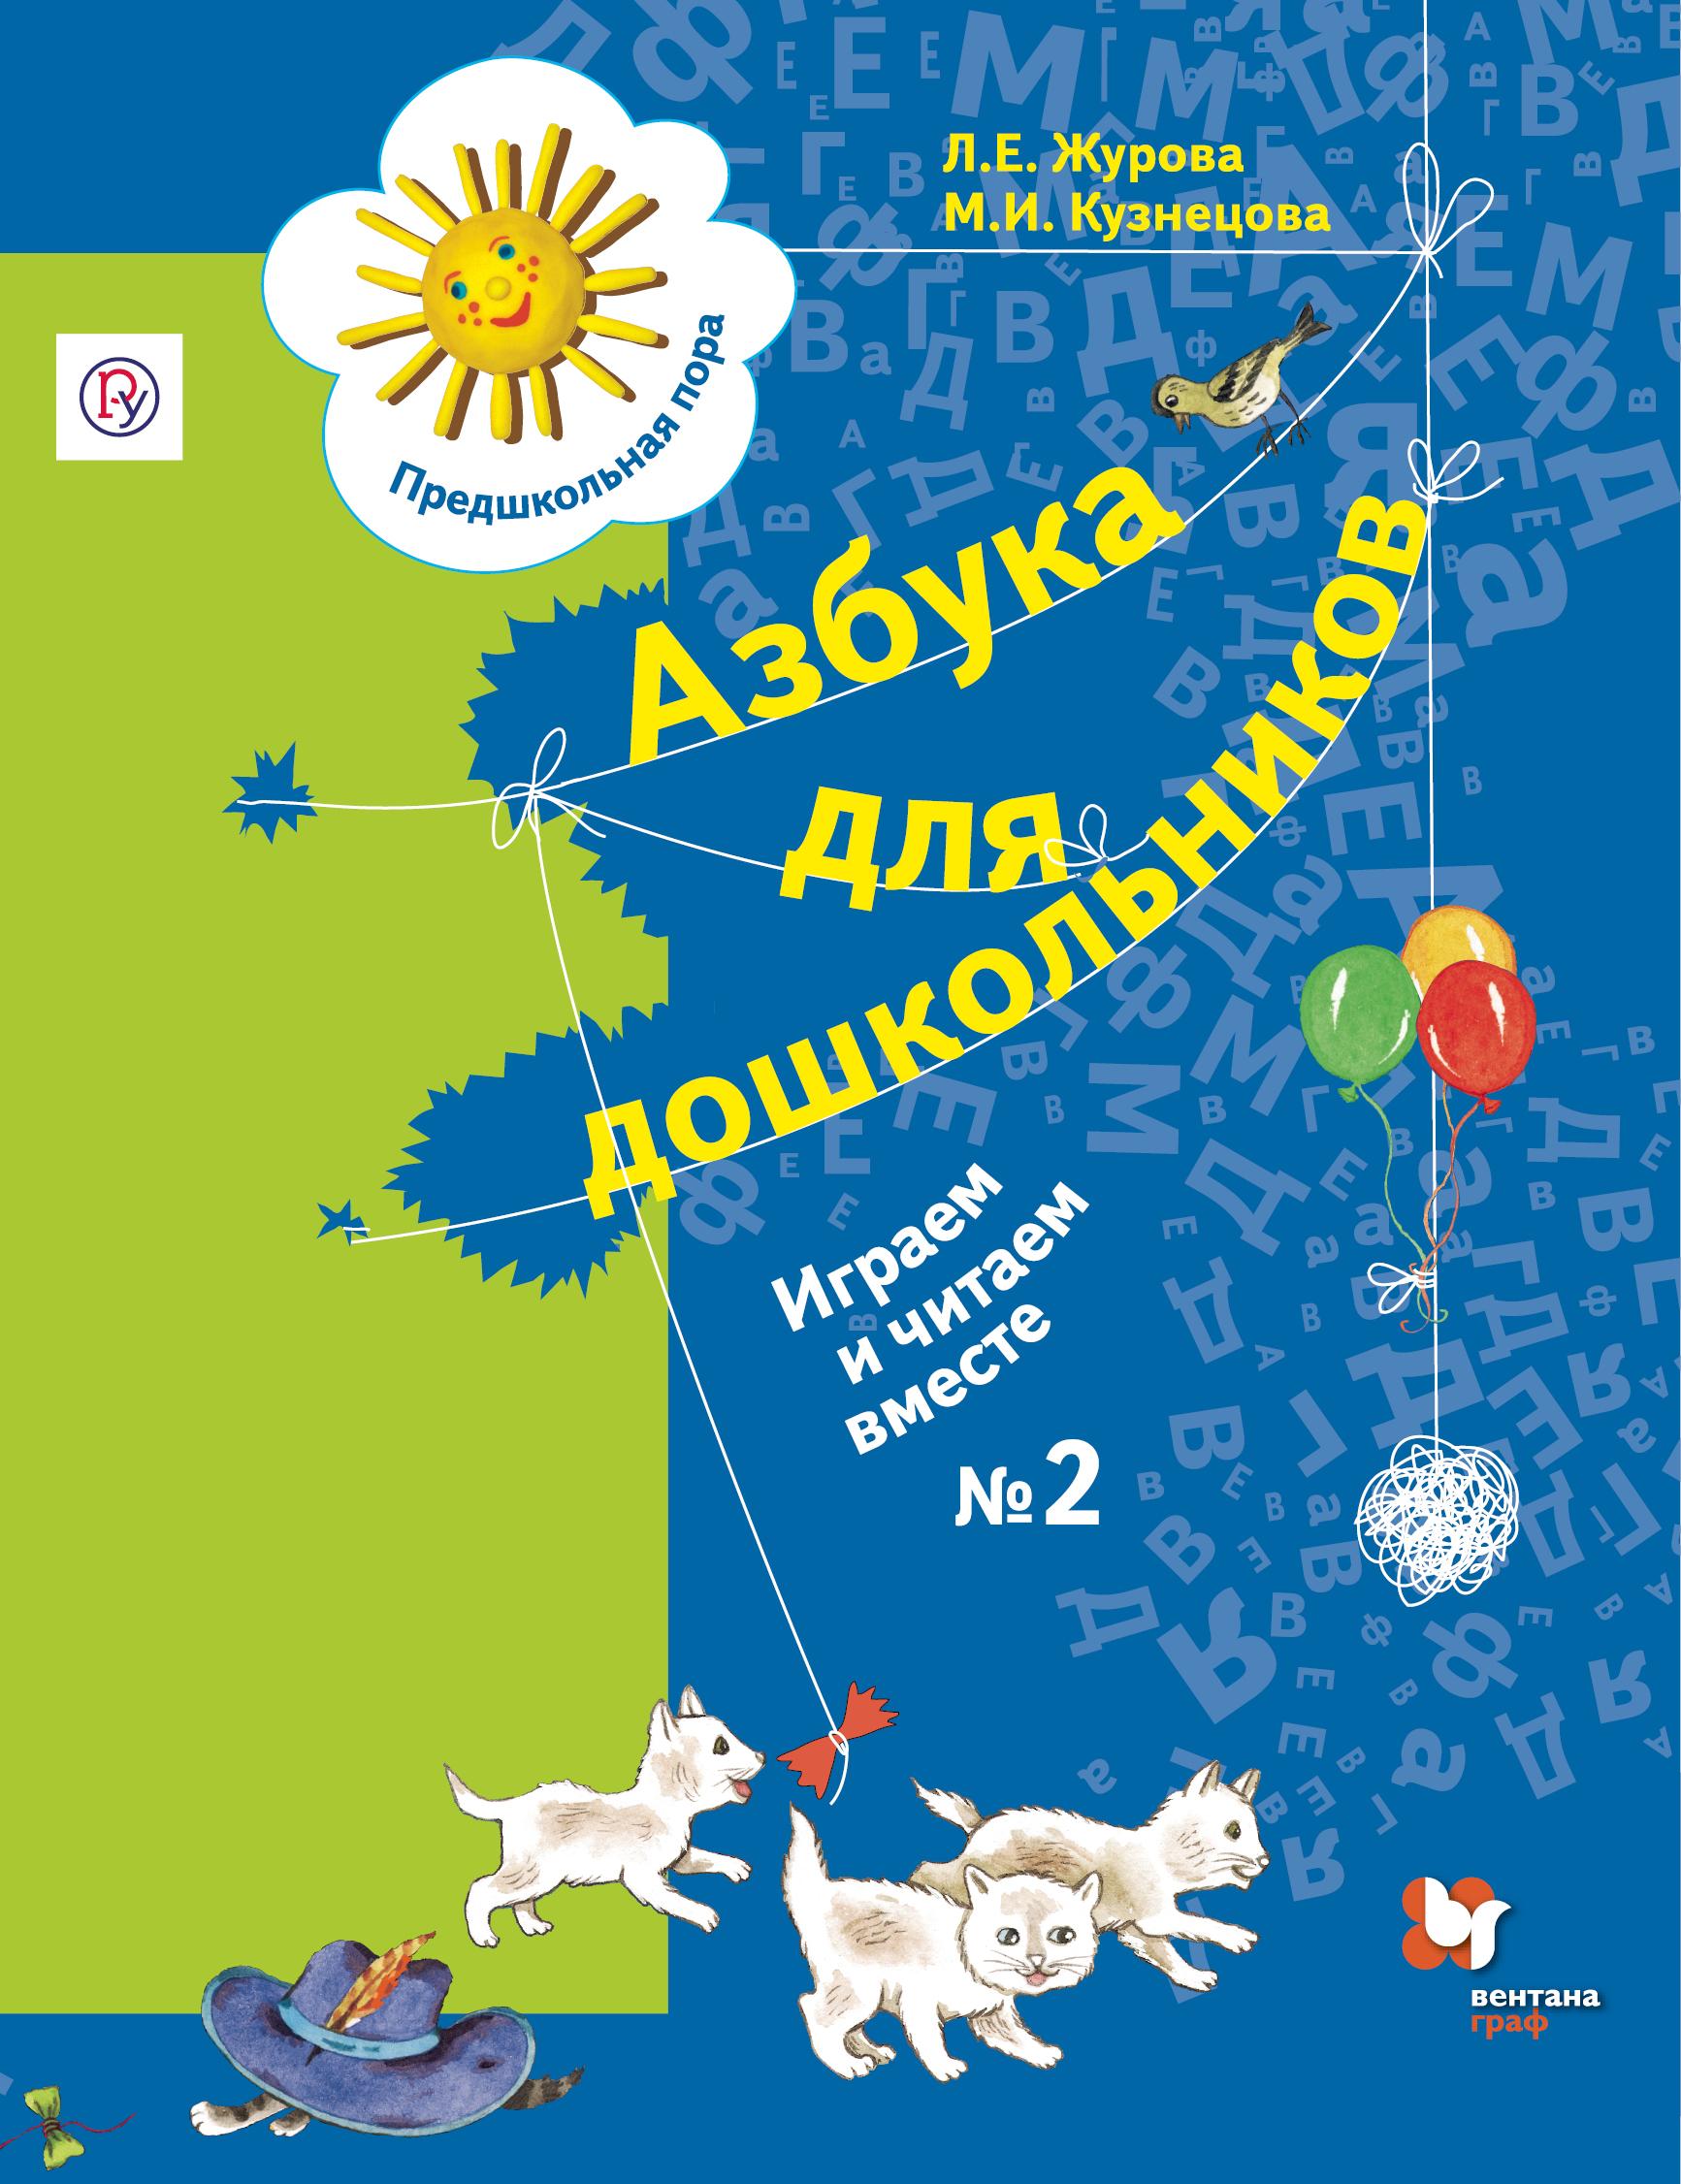 Азбука для дошкольников. Играем и читаем вместе. 5-7 лет. Рабочая тетрадь №2.